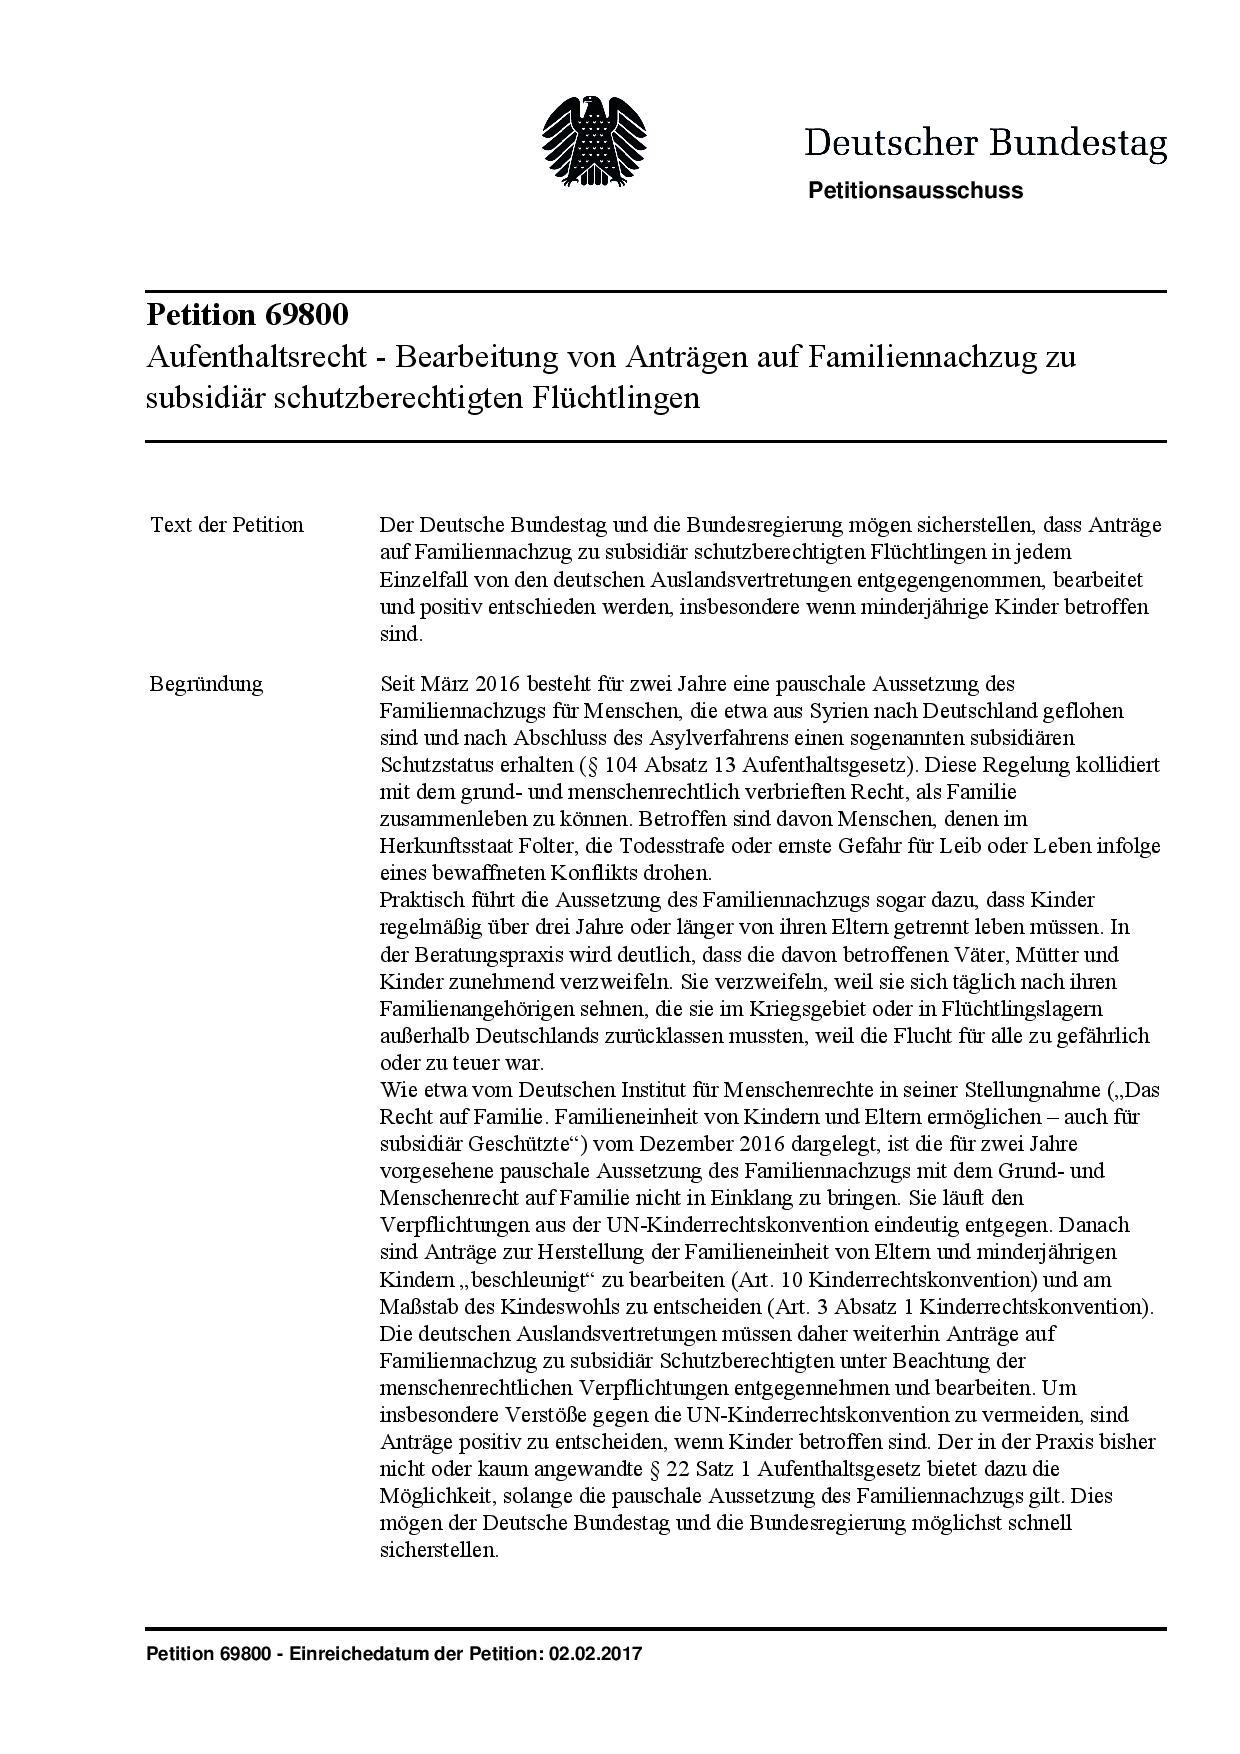 Petition_69800_aufenthaltsrecht-bearbeitung-von-antraegen-auf-familiennachzug-zu-subsidiaer-schutzberechtigten-fluechtlingen